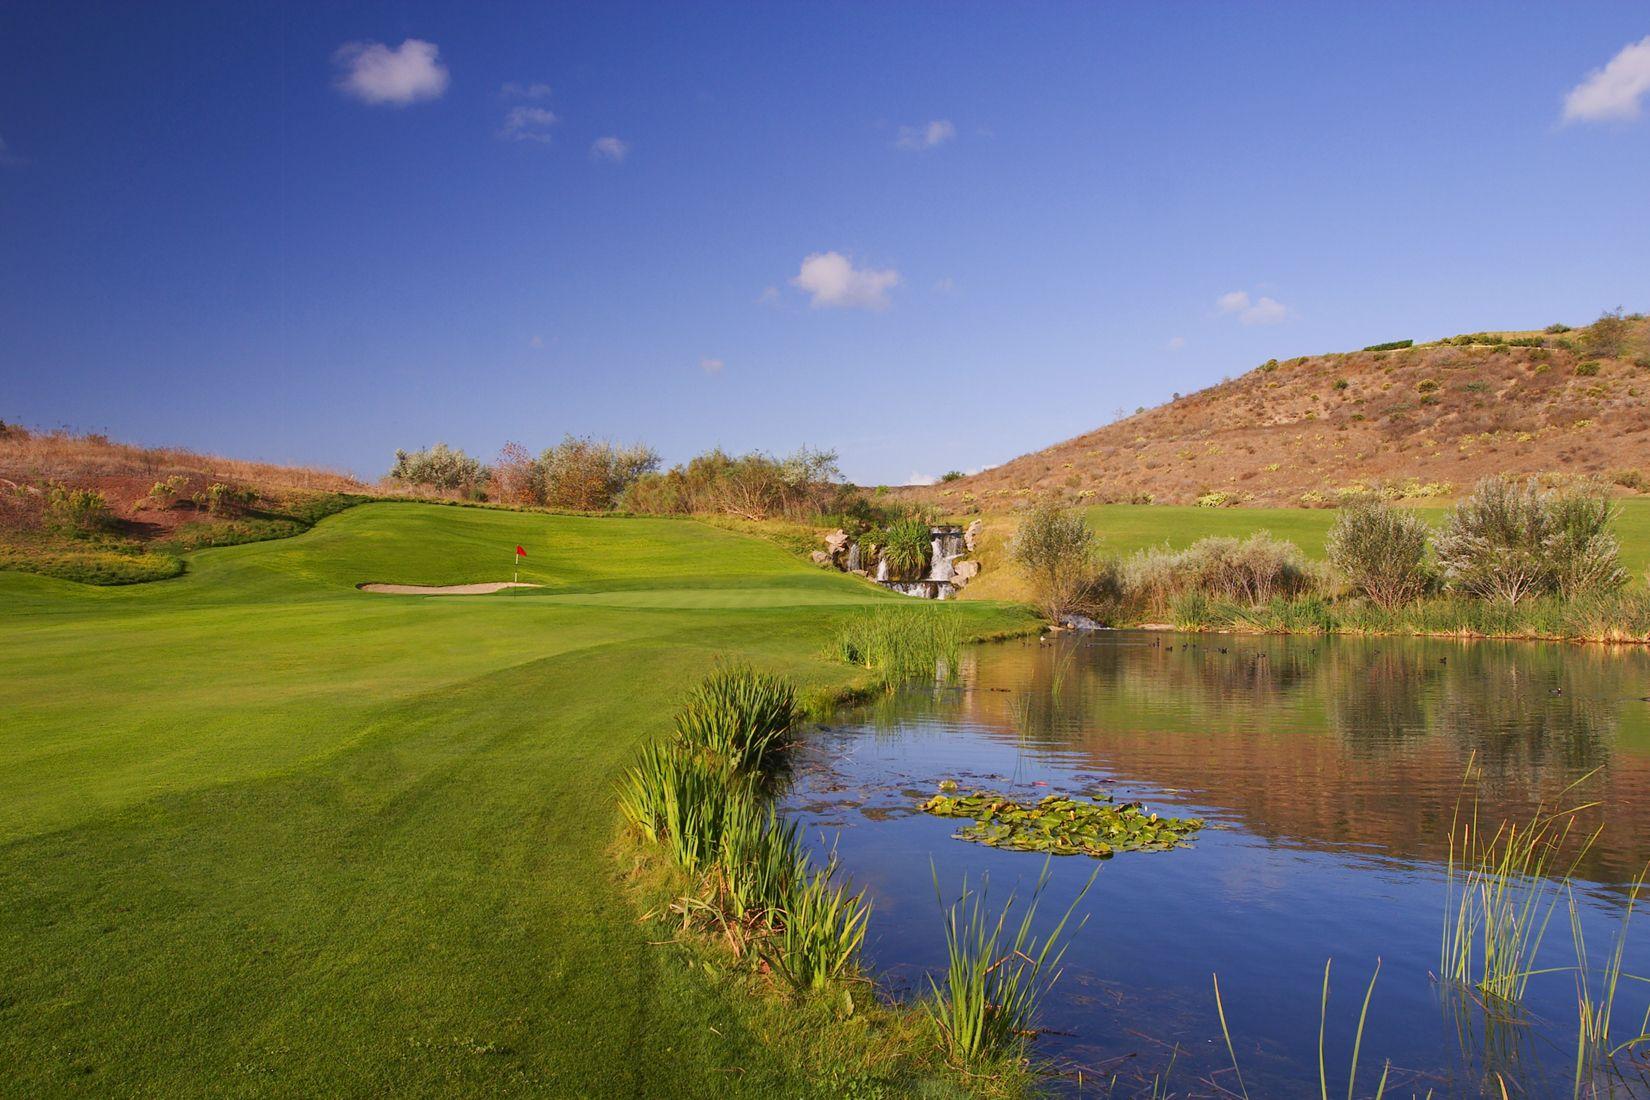 13th hole at Tierra Rejada Golf Club  432 yard par 4